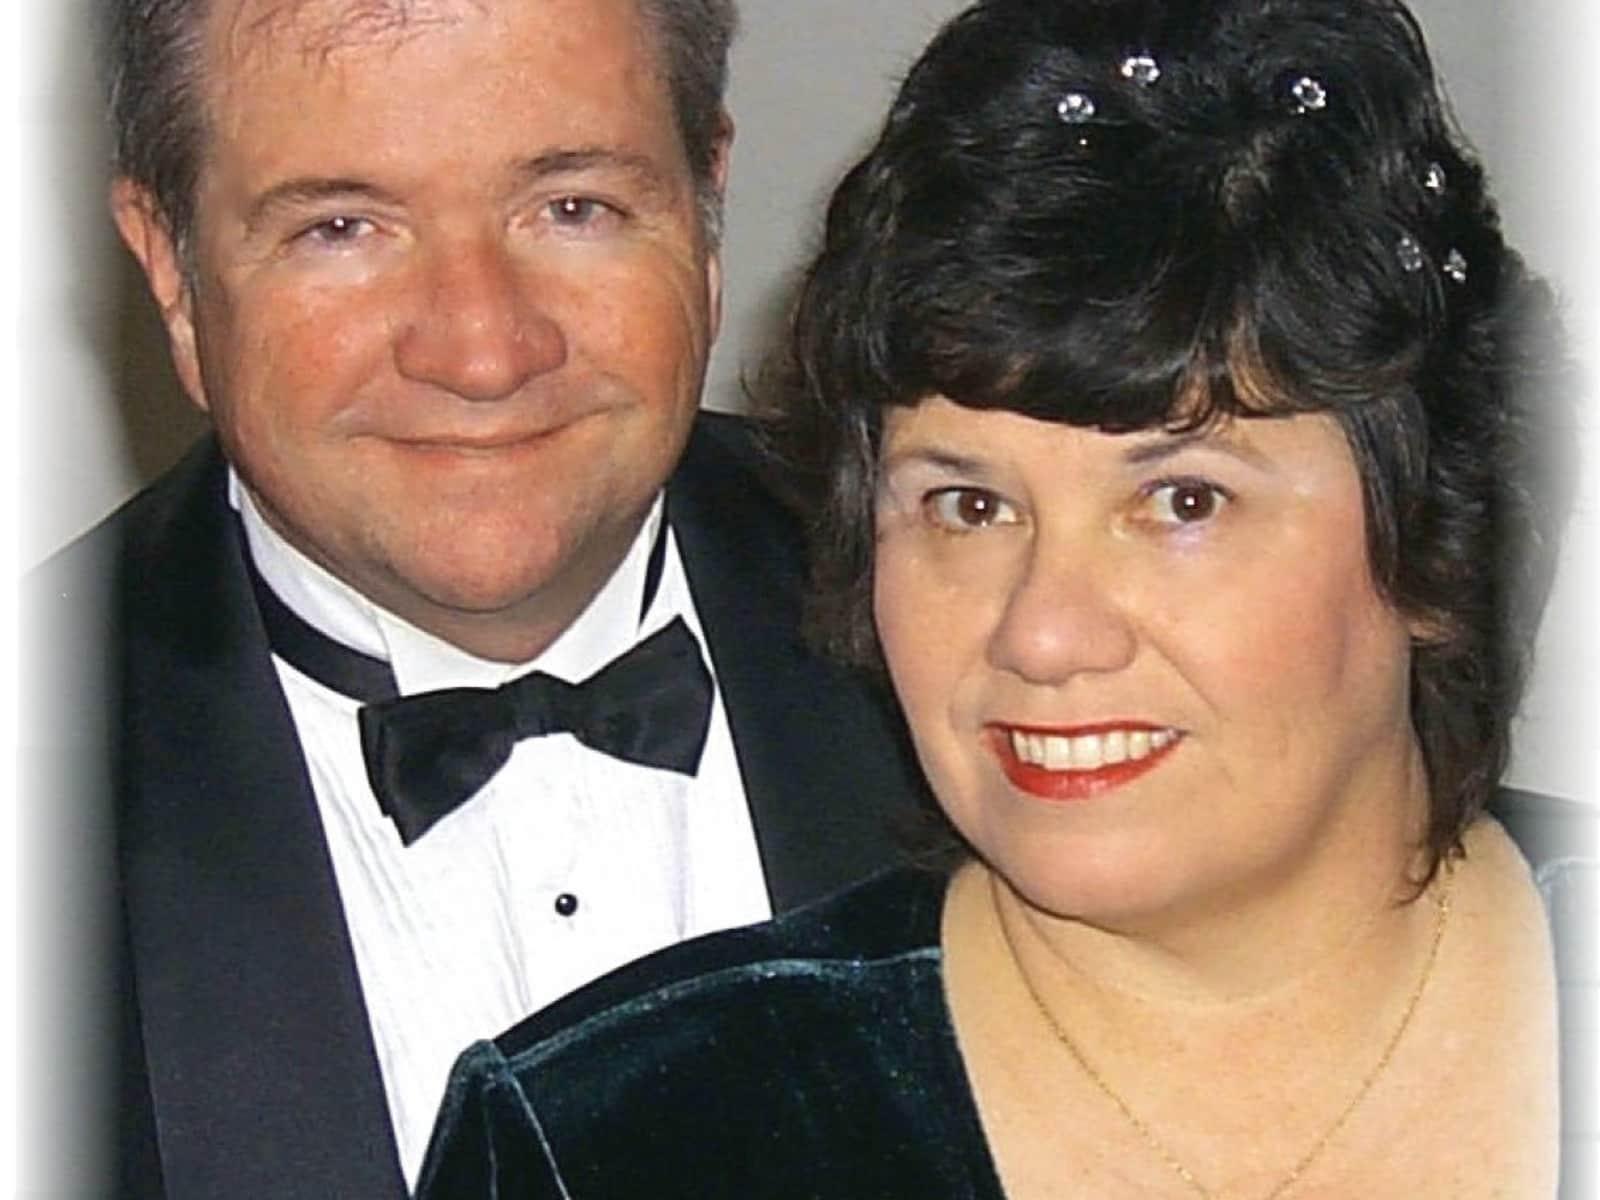 Linda & David from Murrieta, California, United States